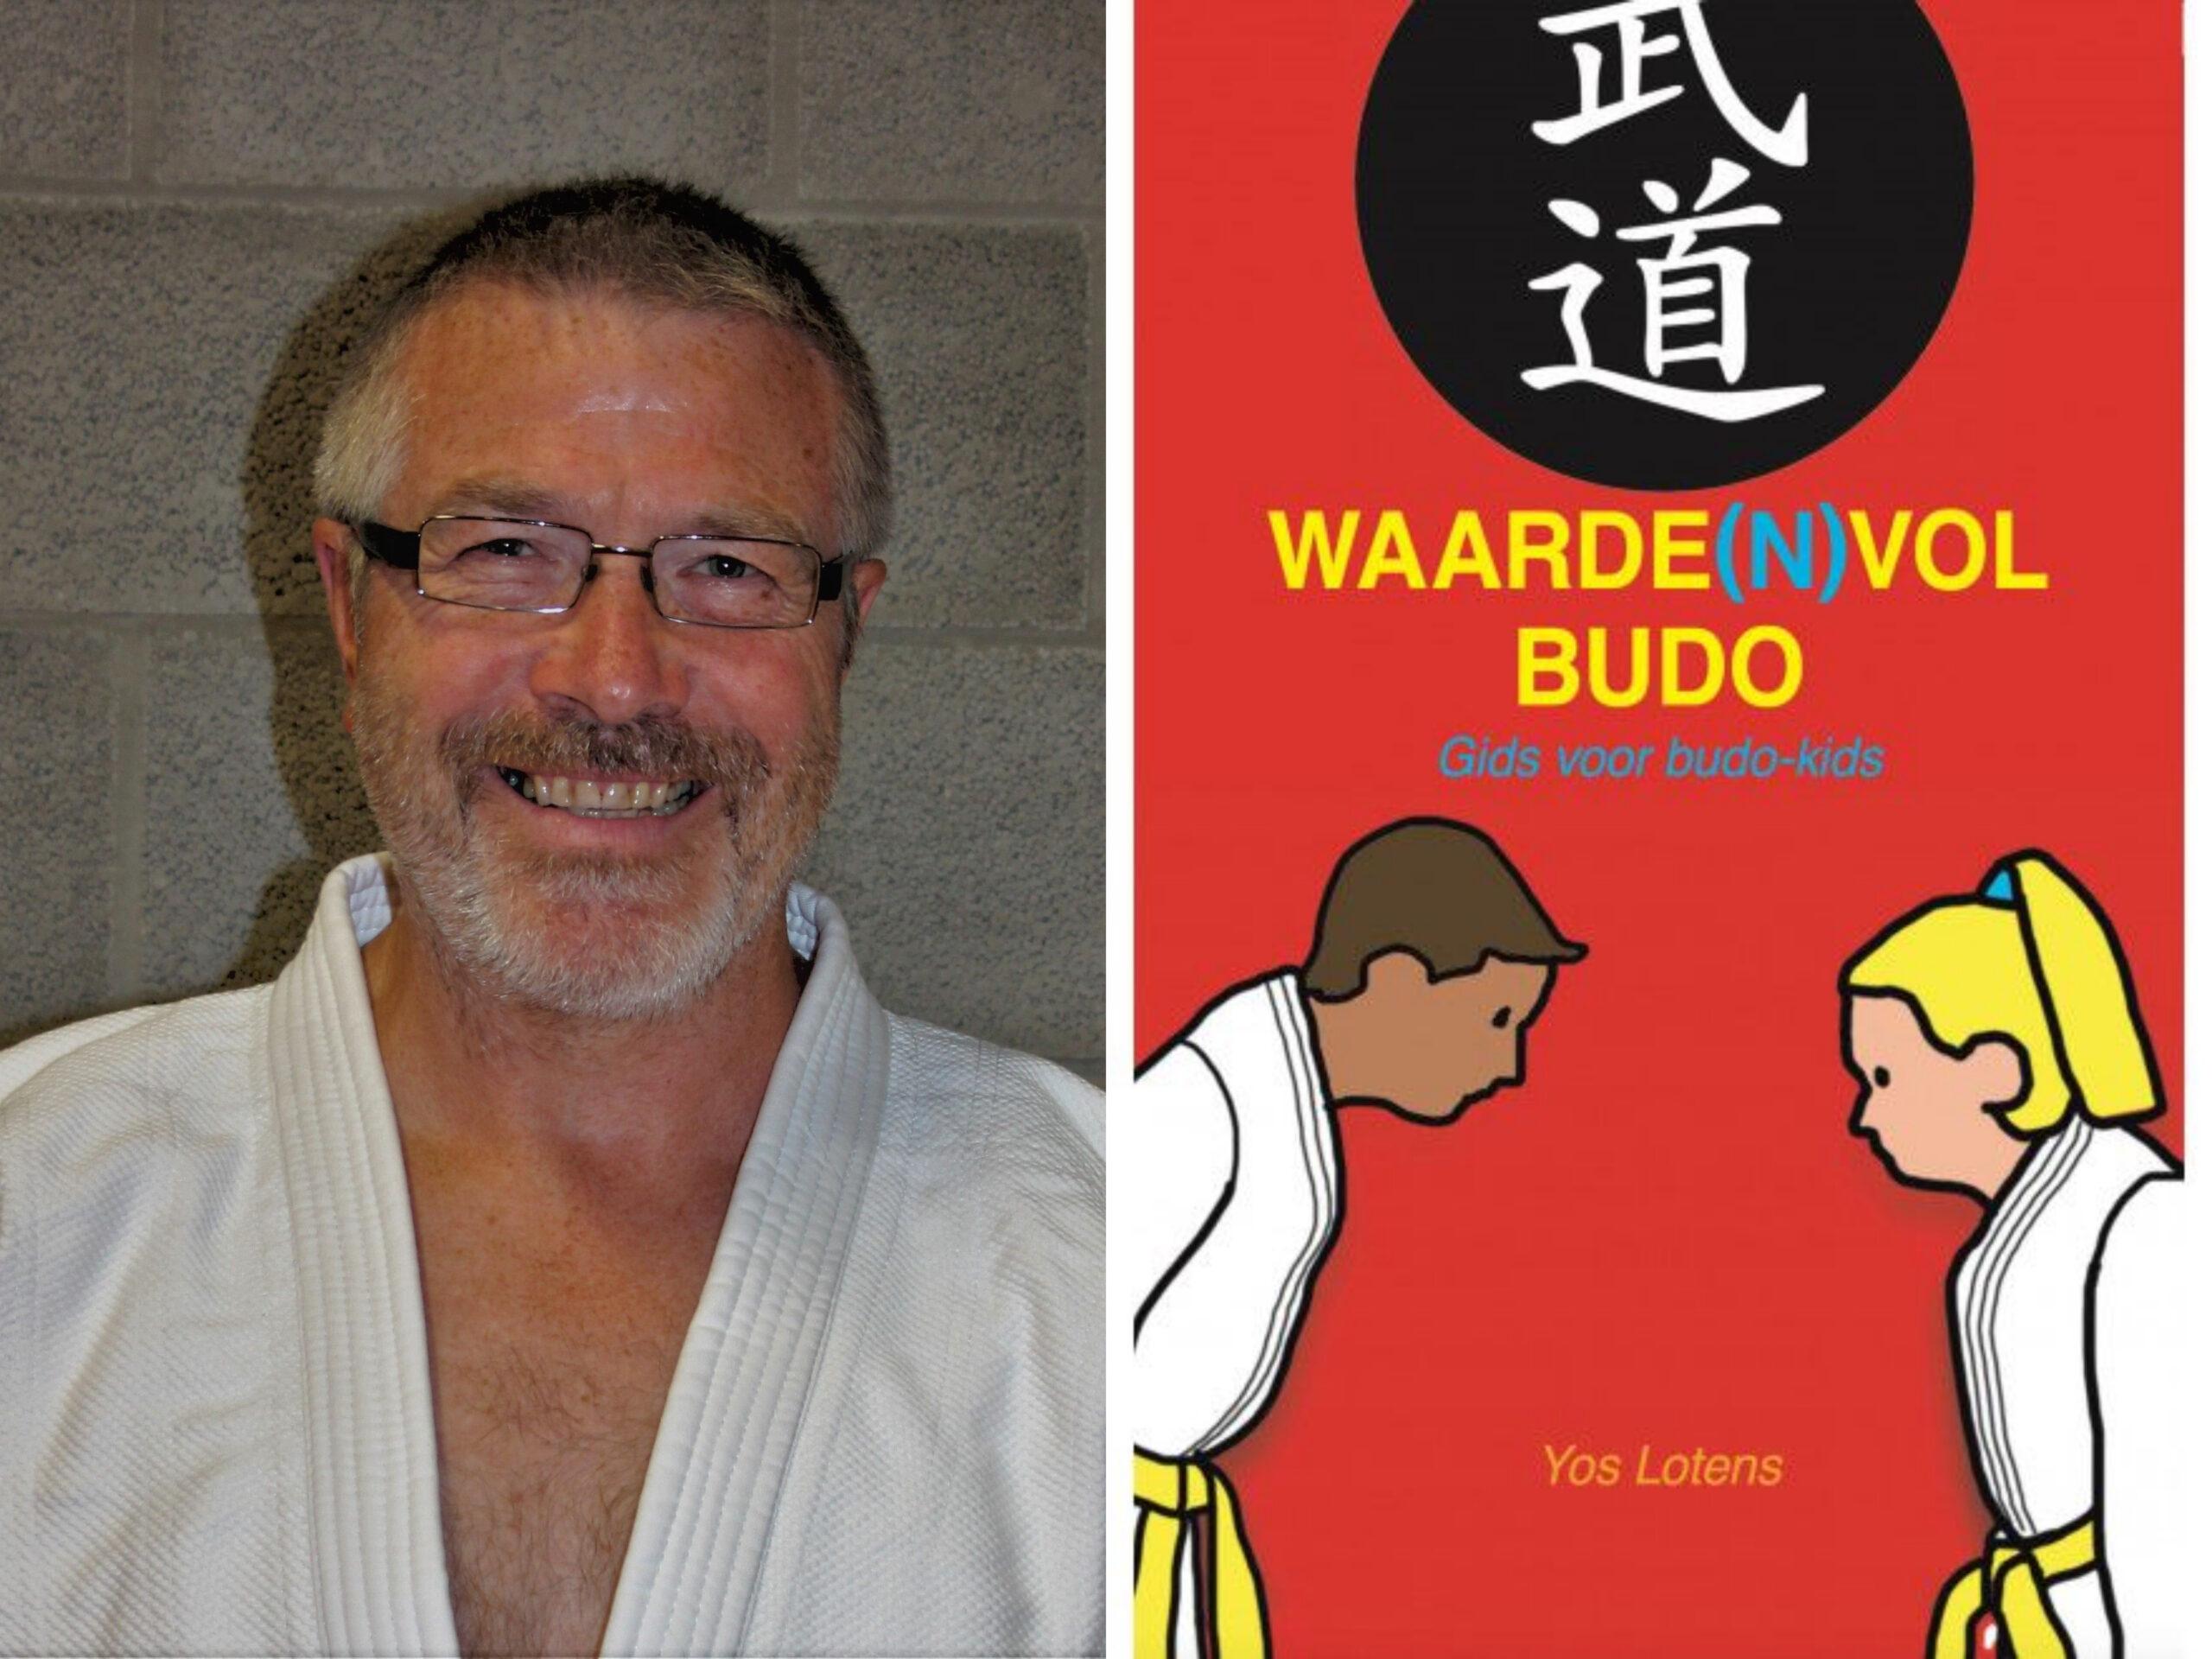 Raf Titz, auteur, hoofdtrainer Judoteam Duffel, Chairman Kintsugi Judo, 6e dan judo, was lid en voorzitter van de Pedagogische Commissie van de Vlaamse Judofederatie en docent opleidingen